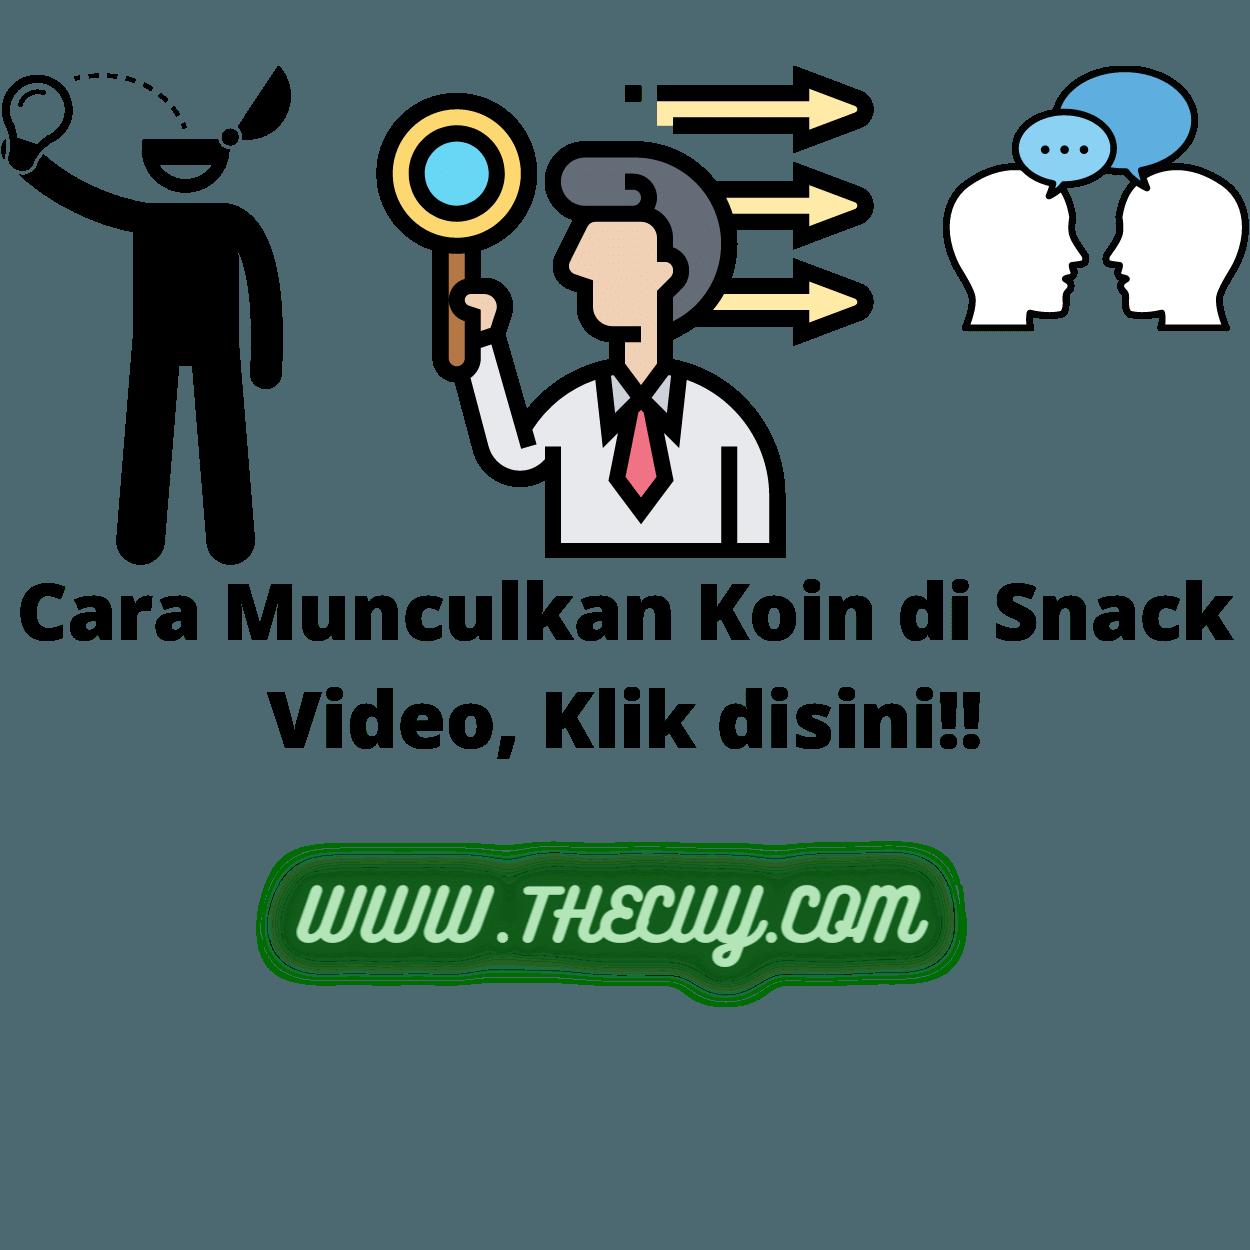 Cara Munculkan Koin di Snack Video, Klik disini!!